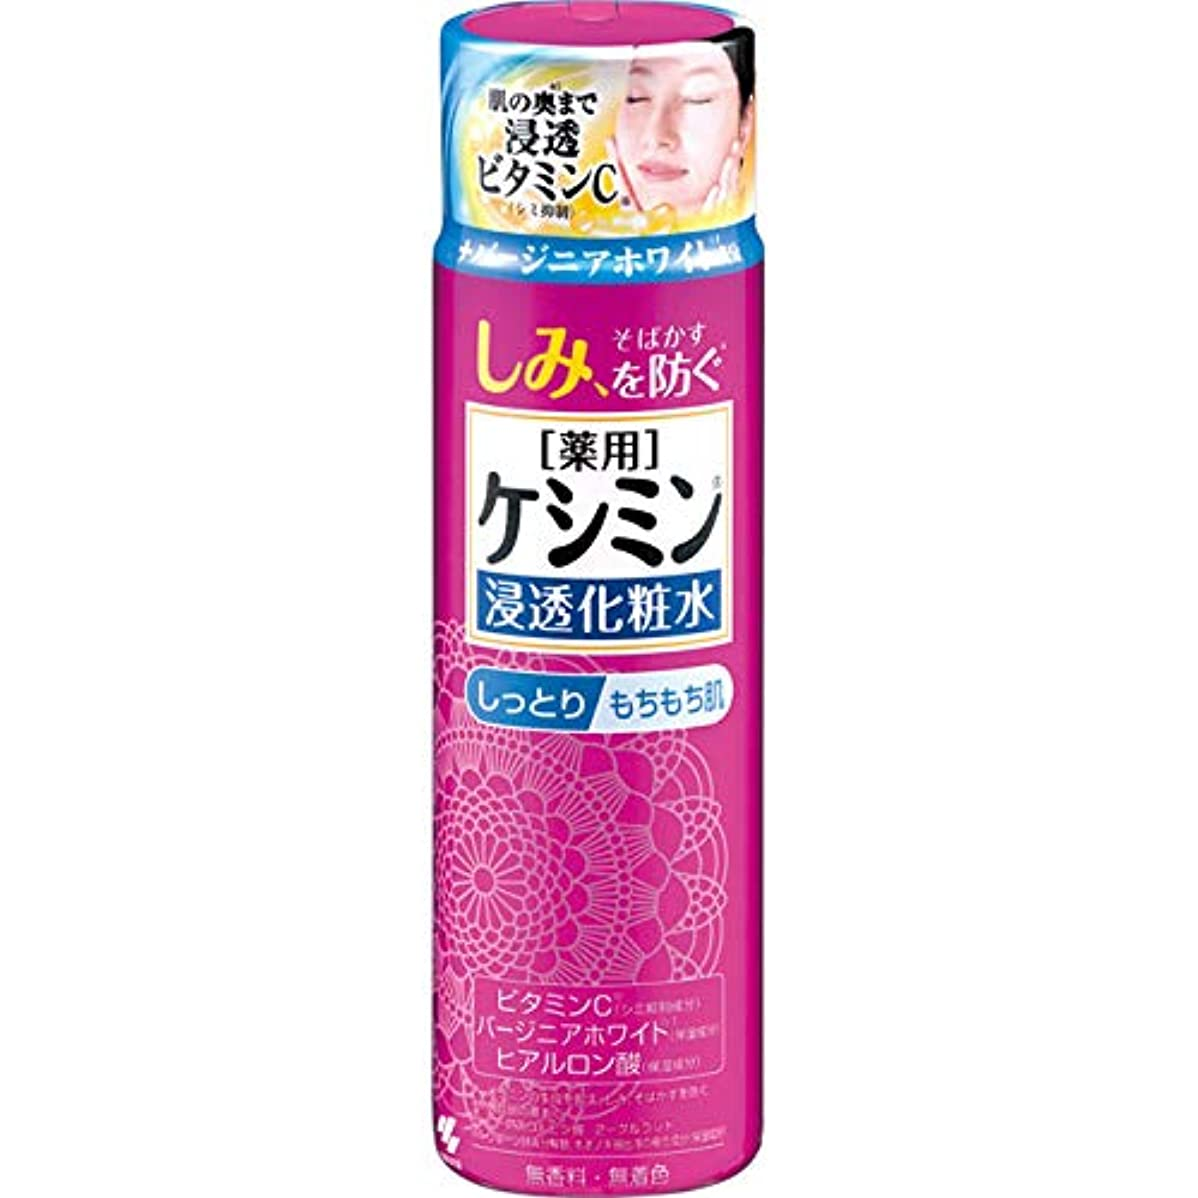 ガムグローブ確かに小林製薬 ケシミン 浸透化粧水しっとり 160mL